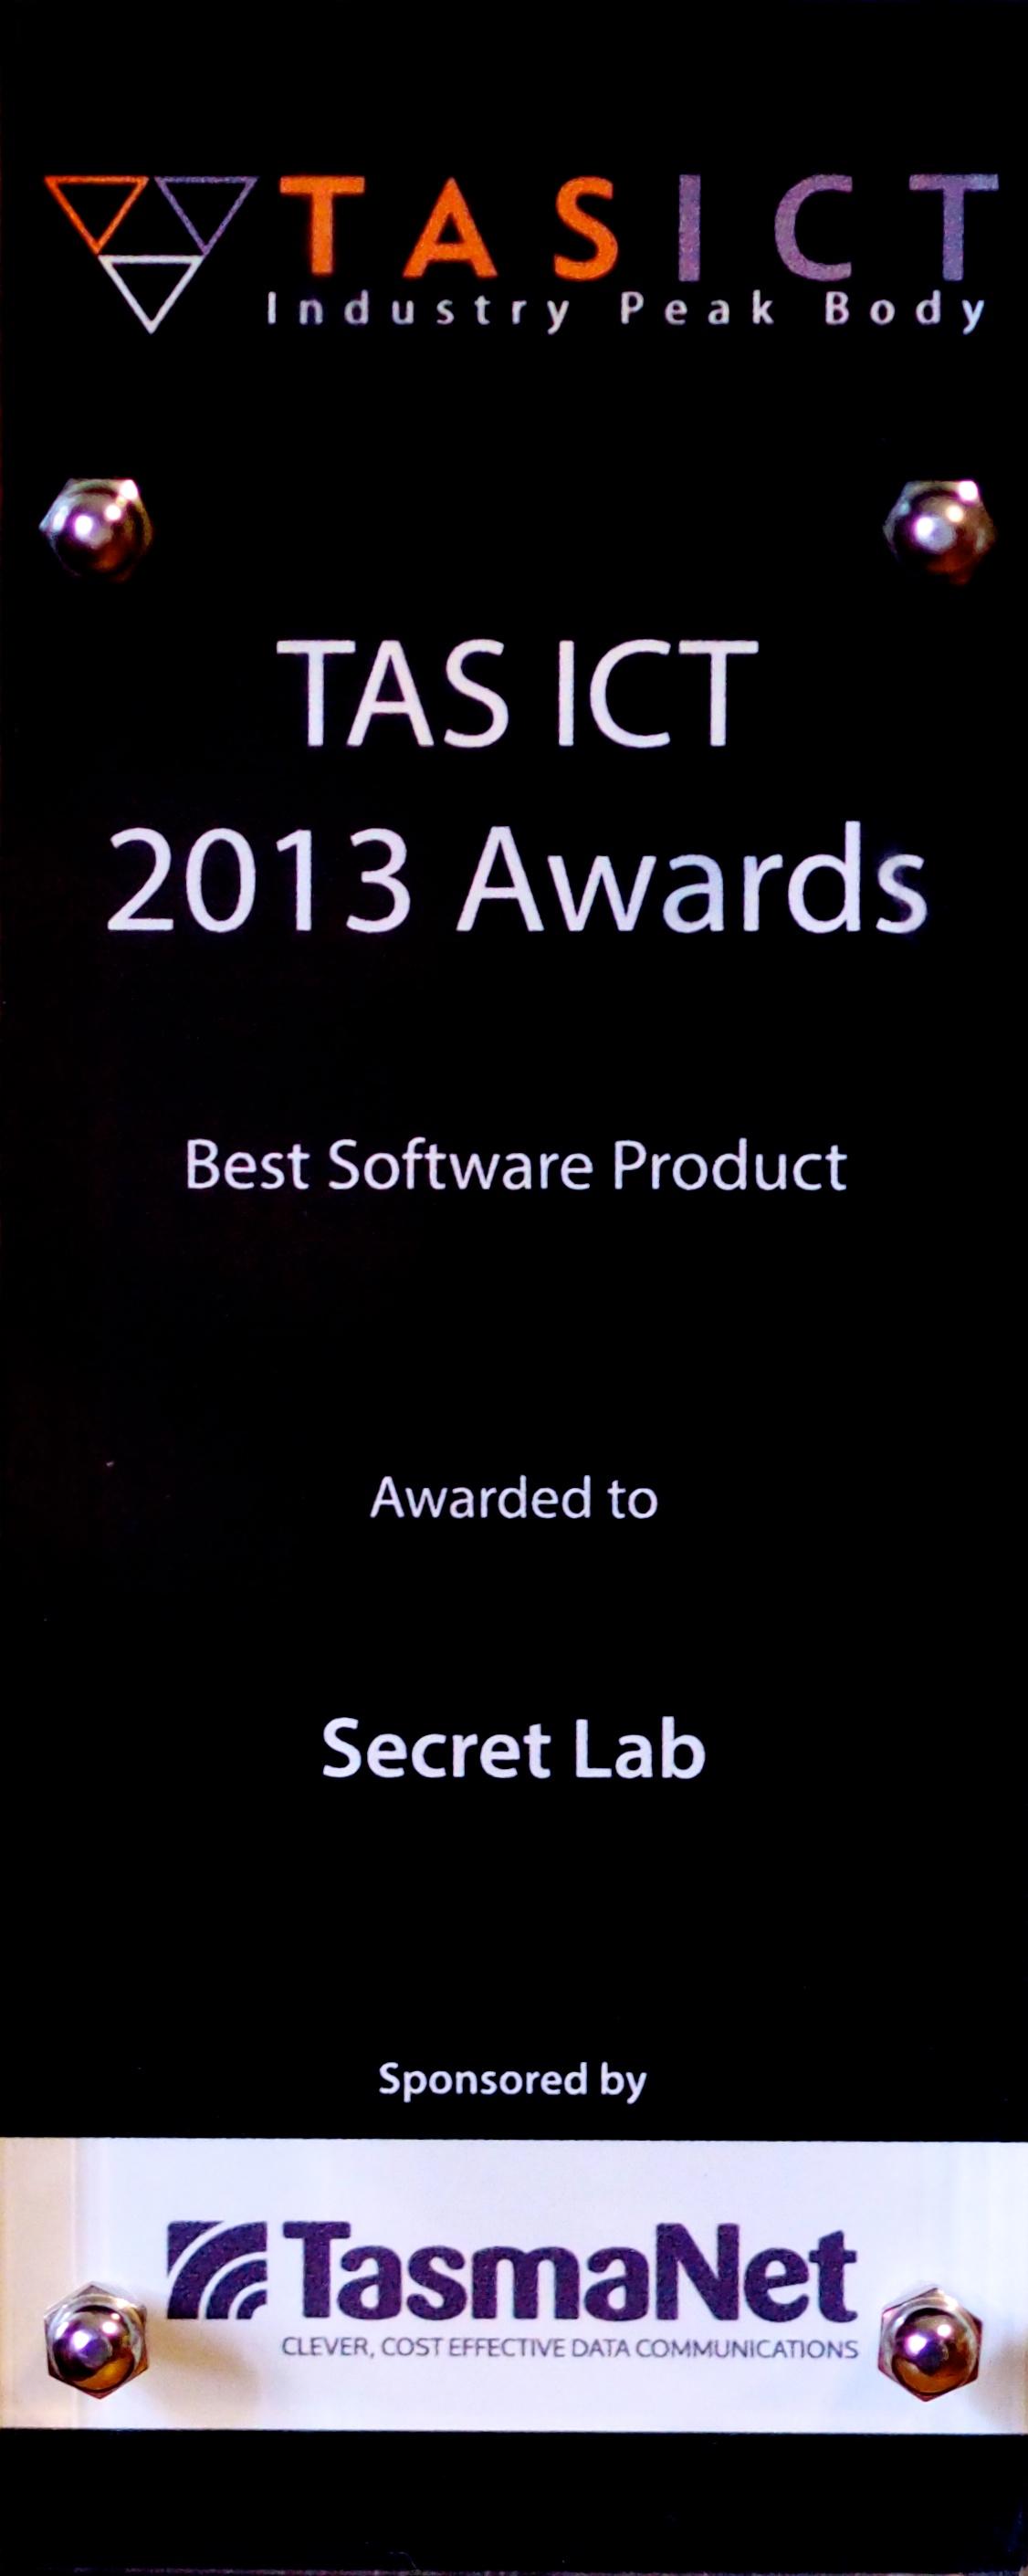 Secret Lab's 2013 TASICT Award